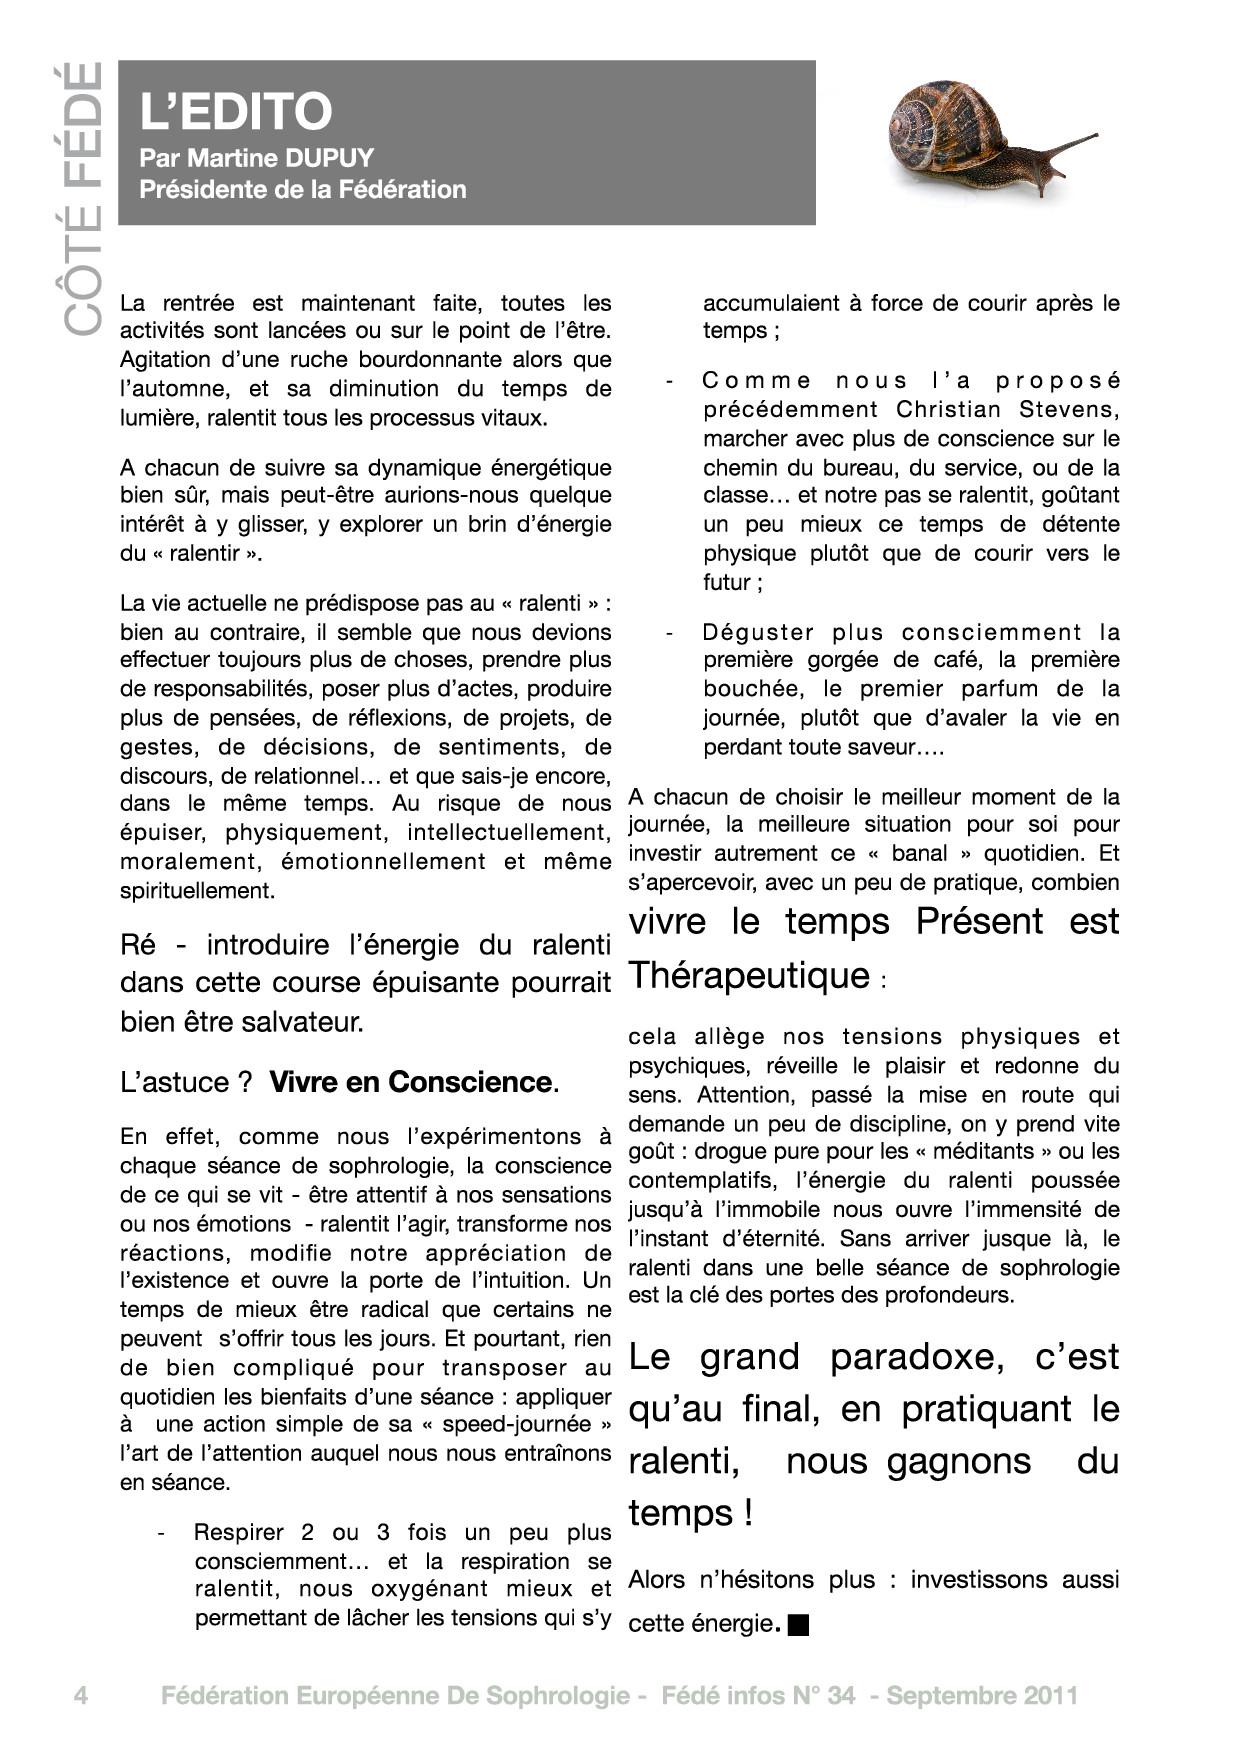 Editorial du Fédé Infos N°34